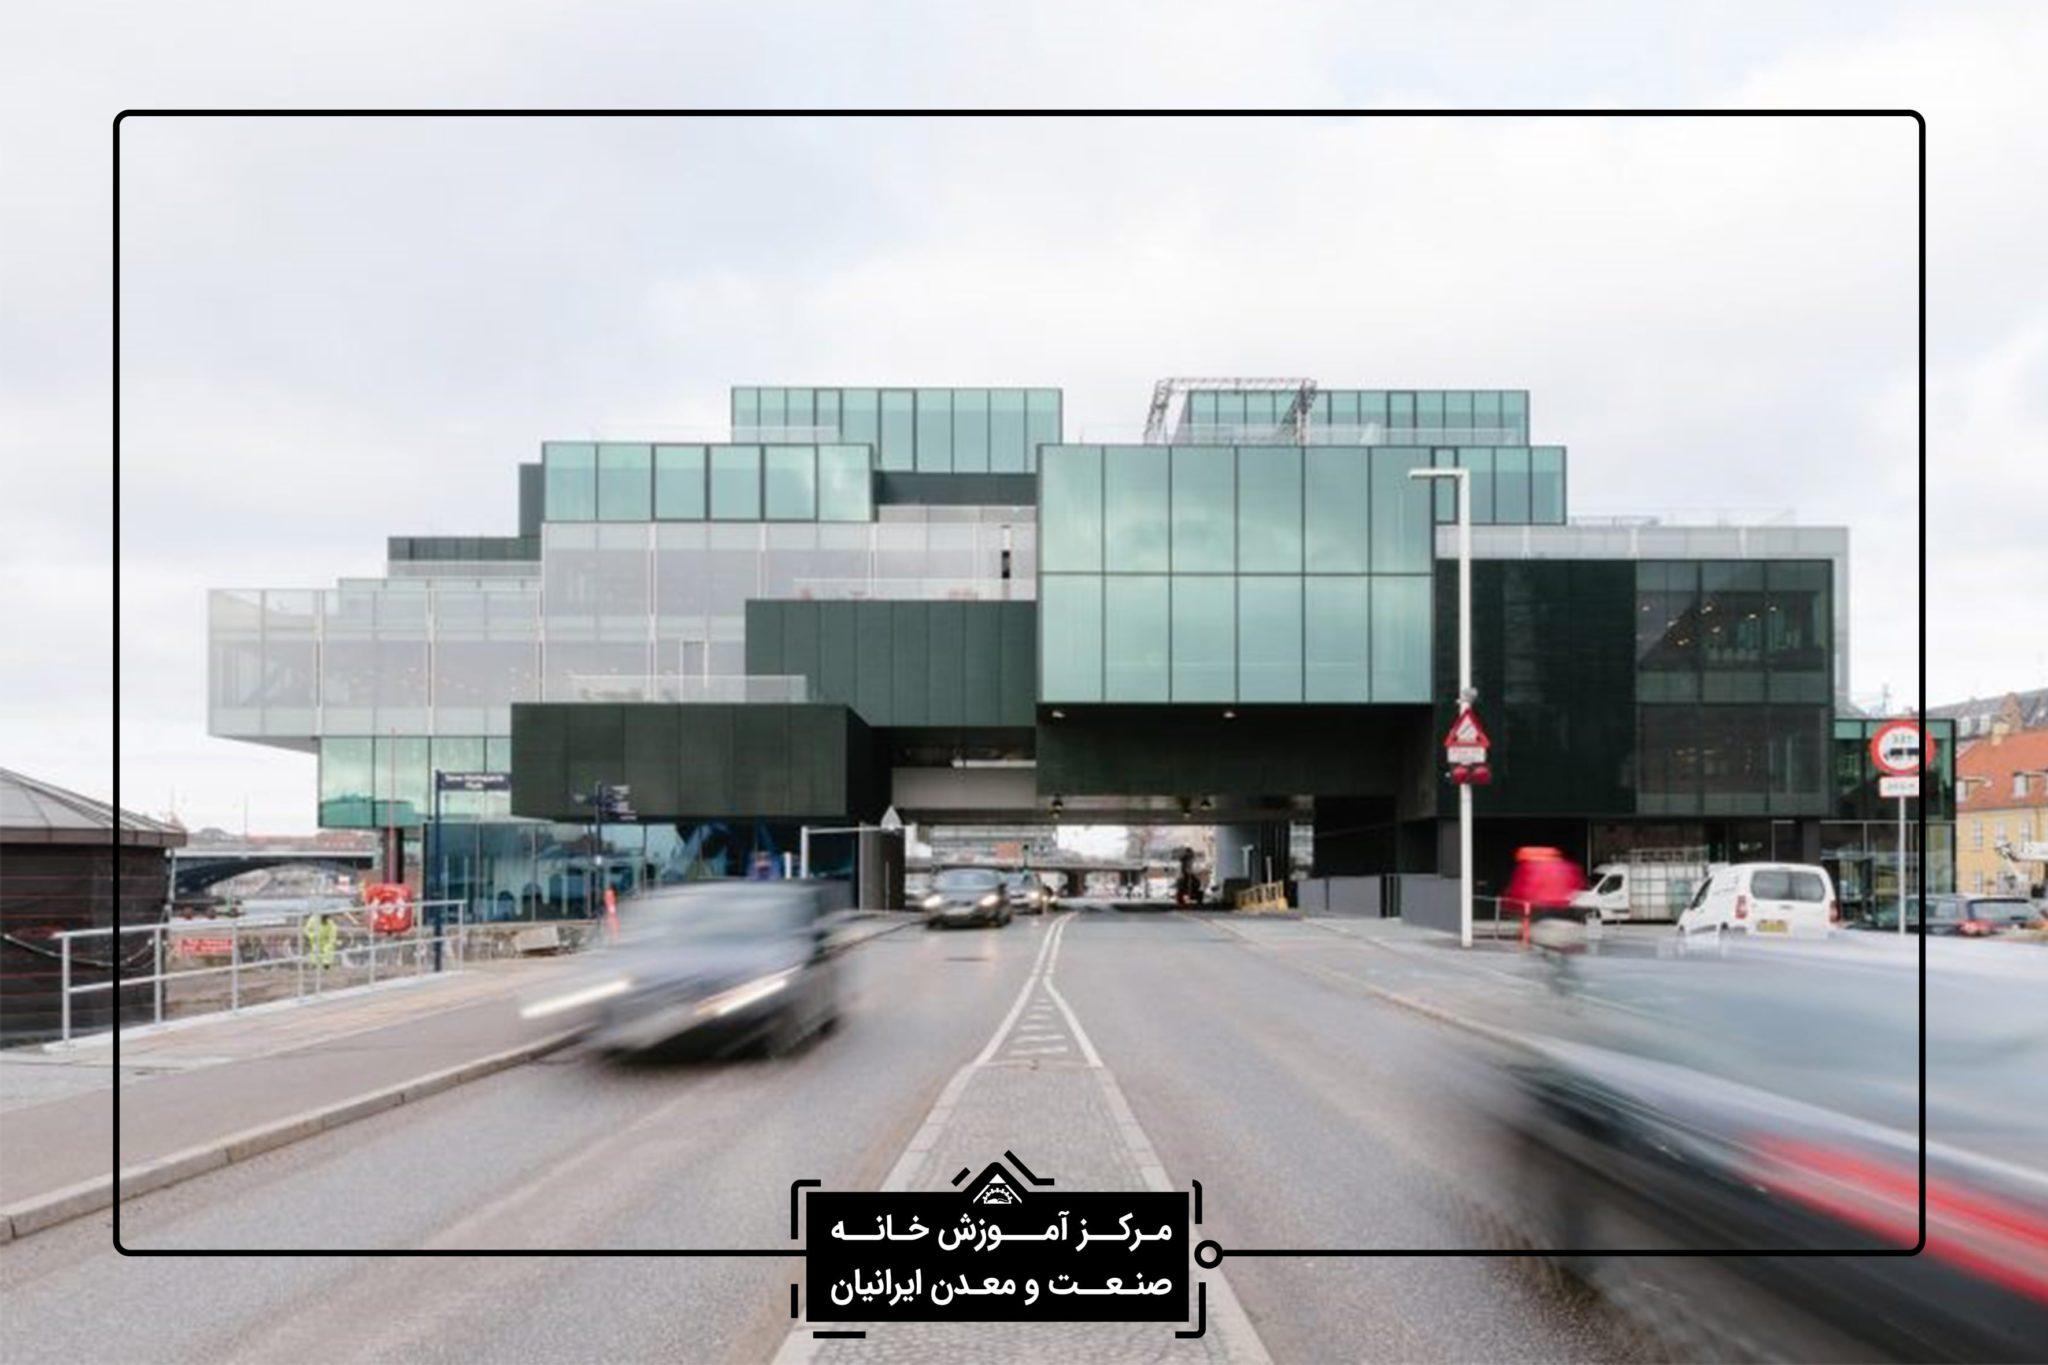 داخلی تخصصی در شیراز scaled - دوره جامع نرم افزارهای معماری